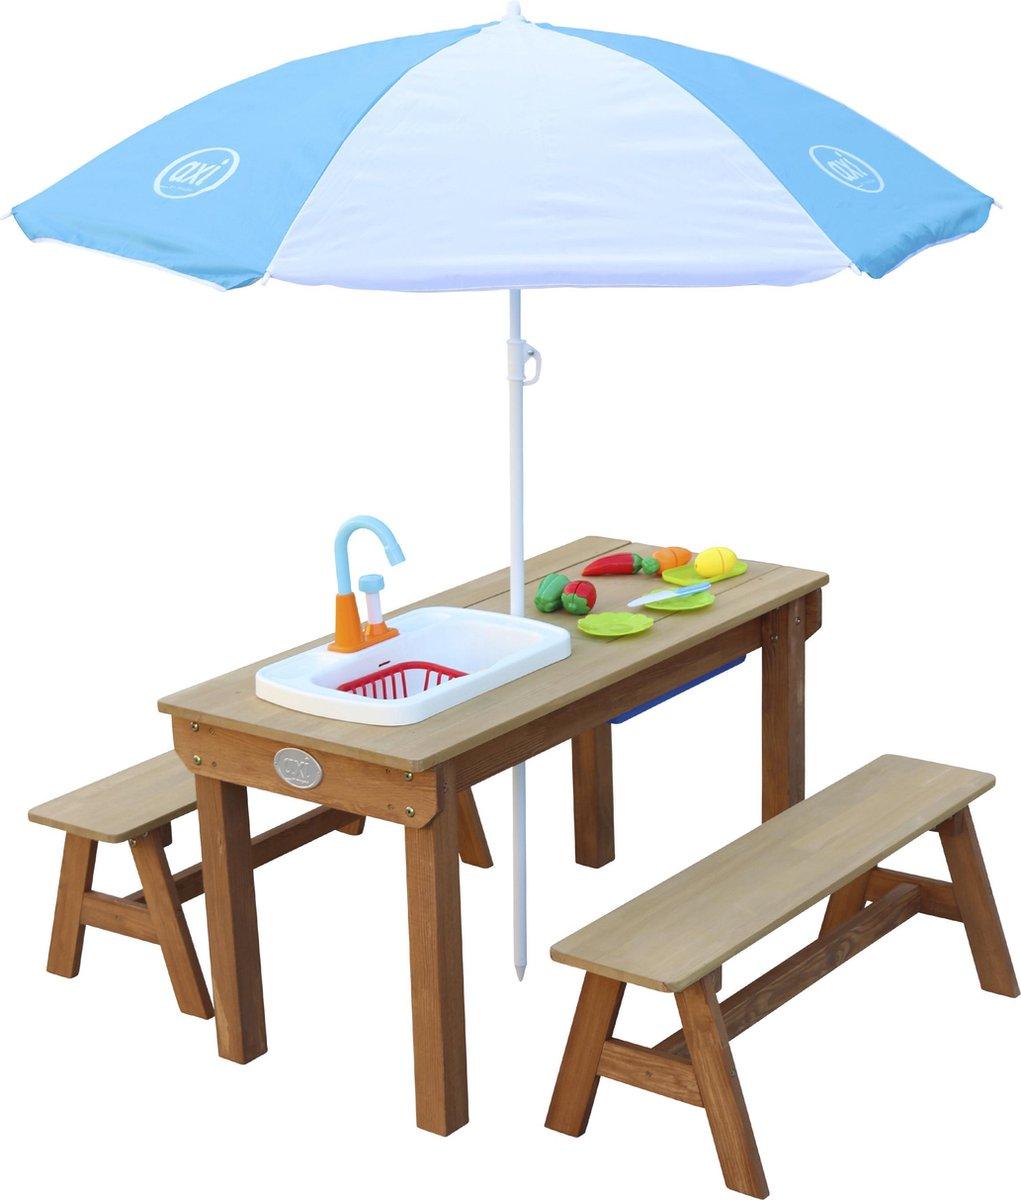 AXI Dennis Zand & Water Picknicktafel met Speelkeuken wastafel en losse bankjes Bruin - Parasol Blauw/wit - Incl. 17-delige accessoire-set